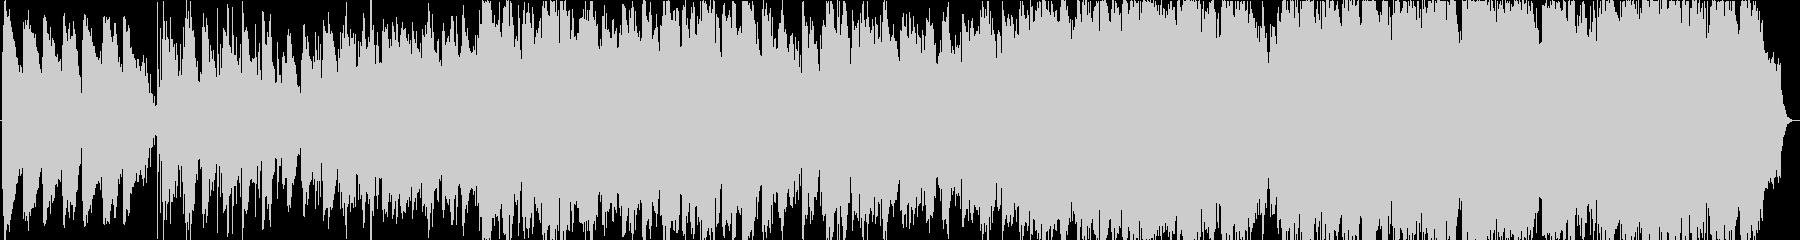 薄暗い森のイメージのヒーリング音楽の未再生の波形